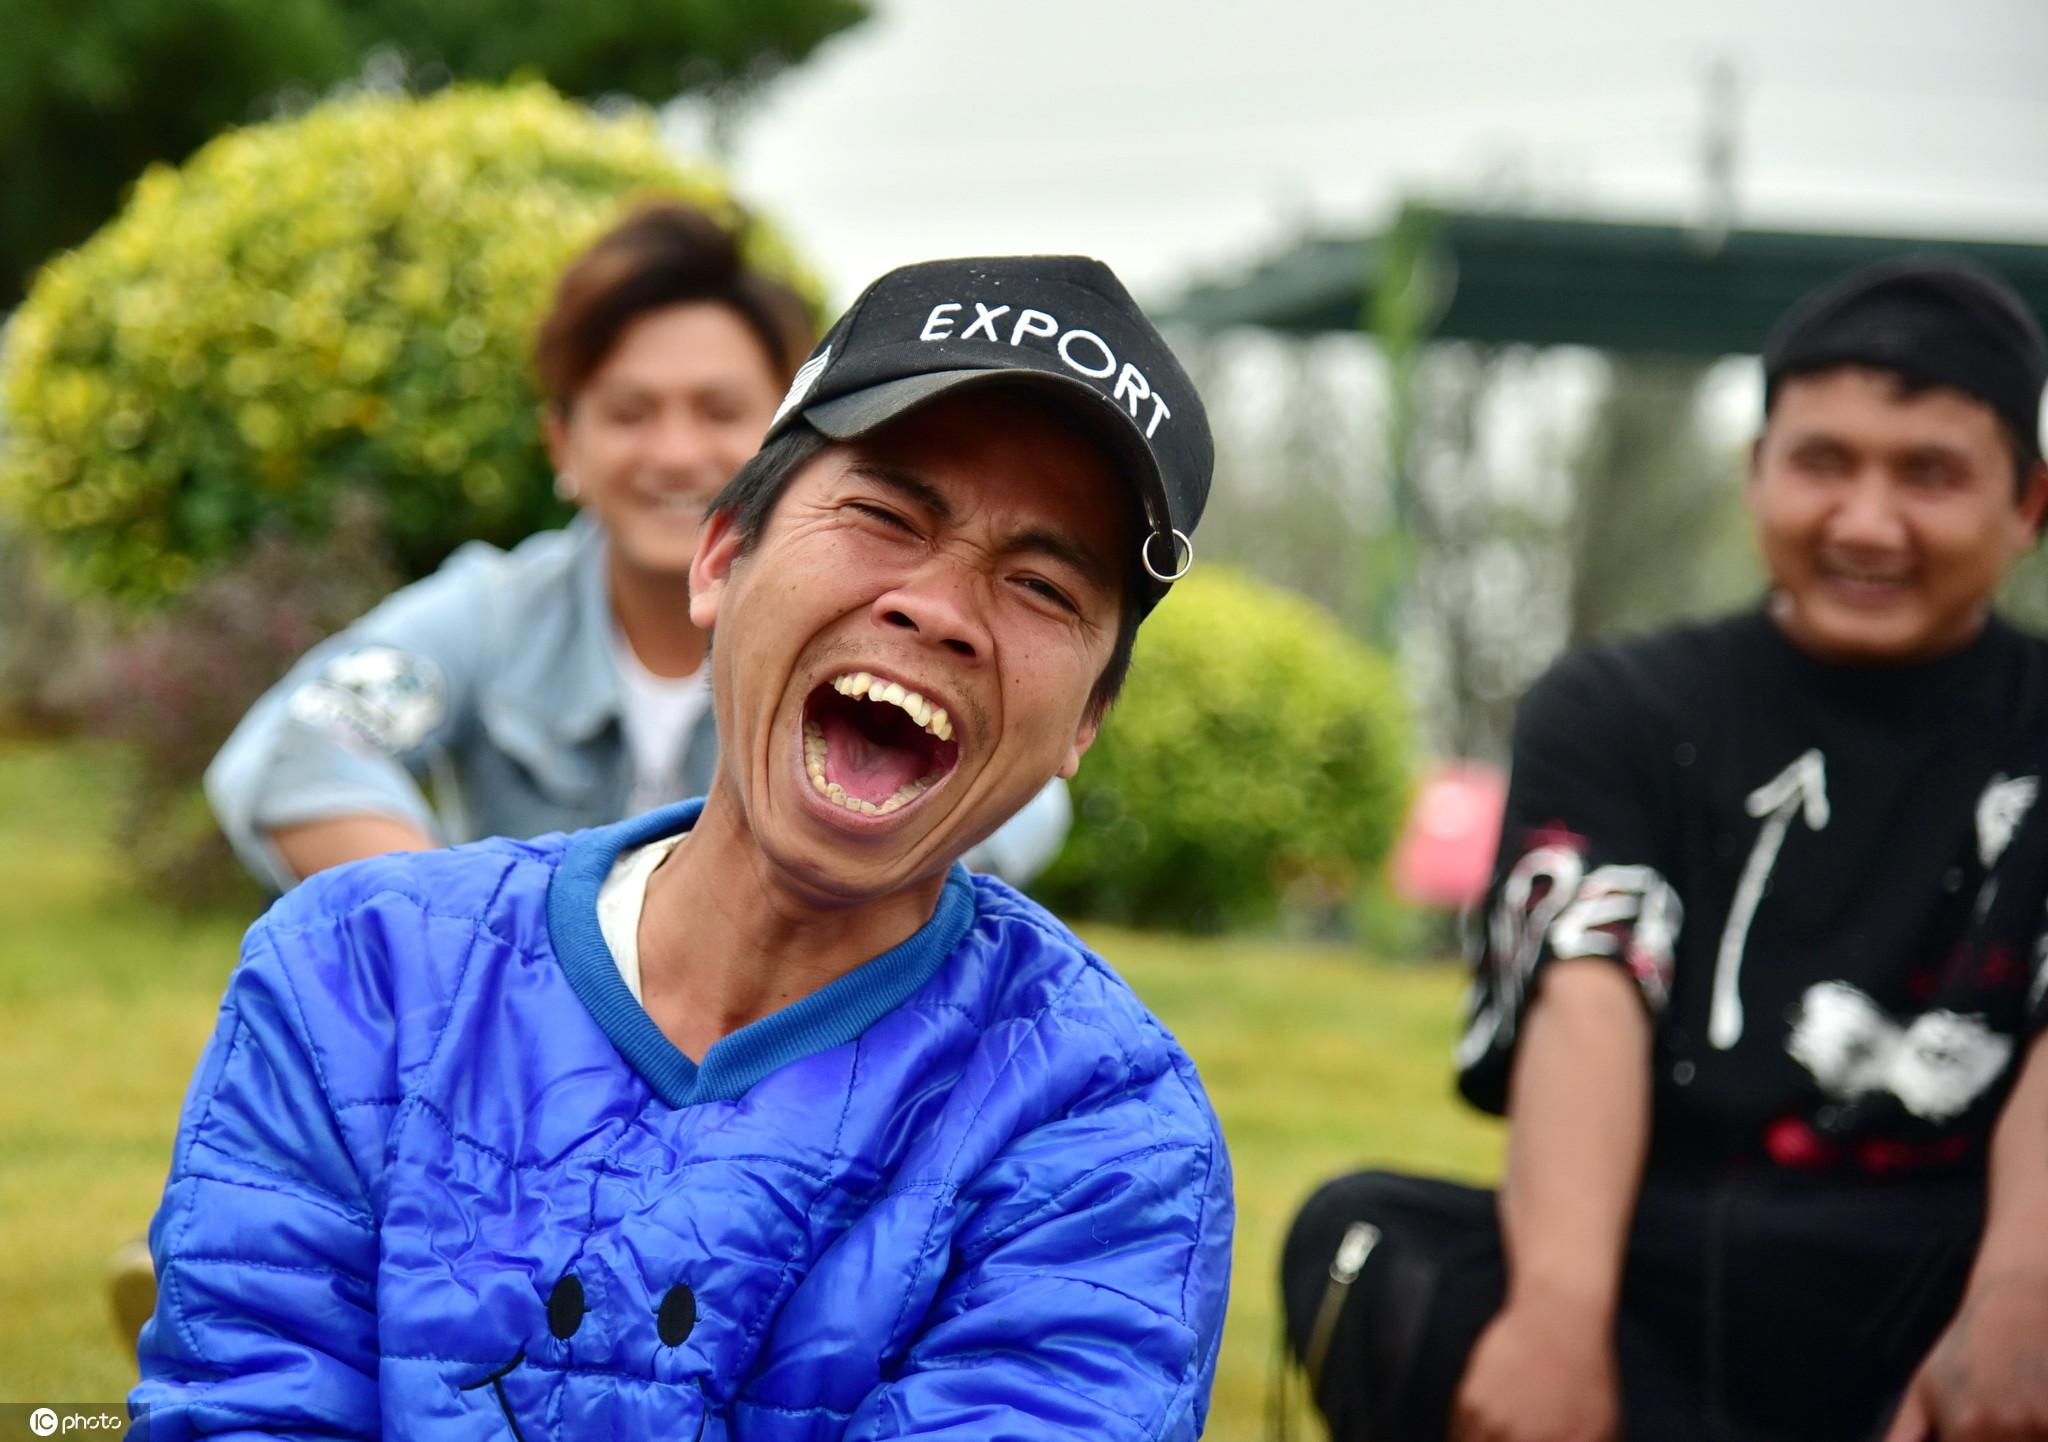 全国爱牙日来临你笑起来真好看笑吧,别捂嘴!